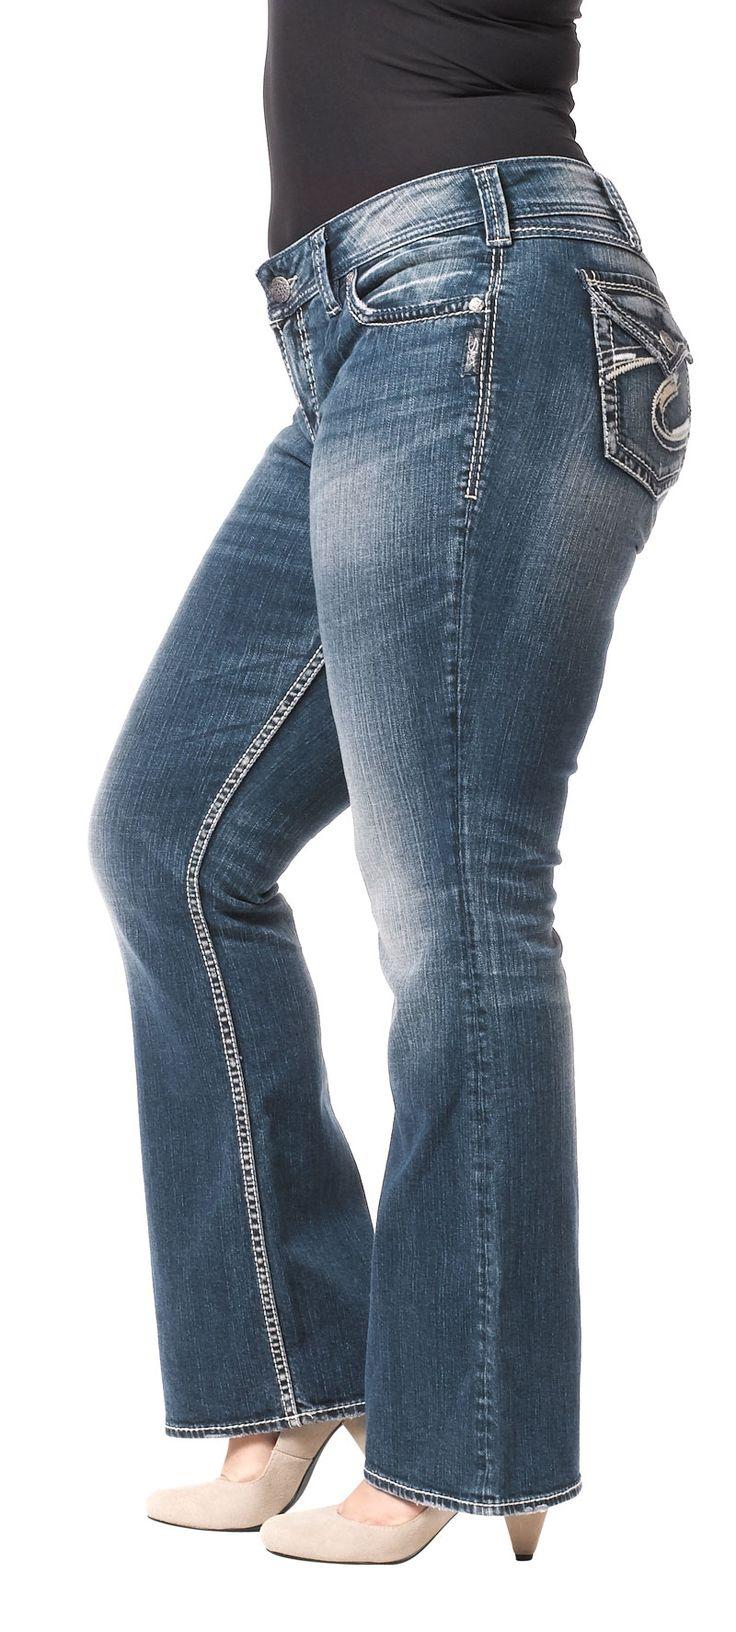 e7f3c0b7115 Plus size miss me jeans 5 best outfits - curvyoutfits.com